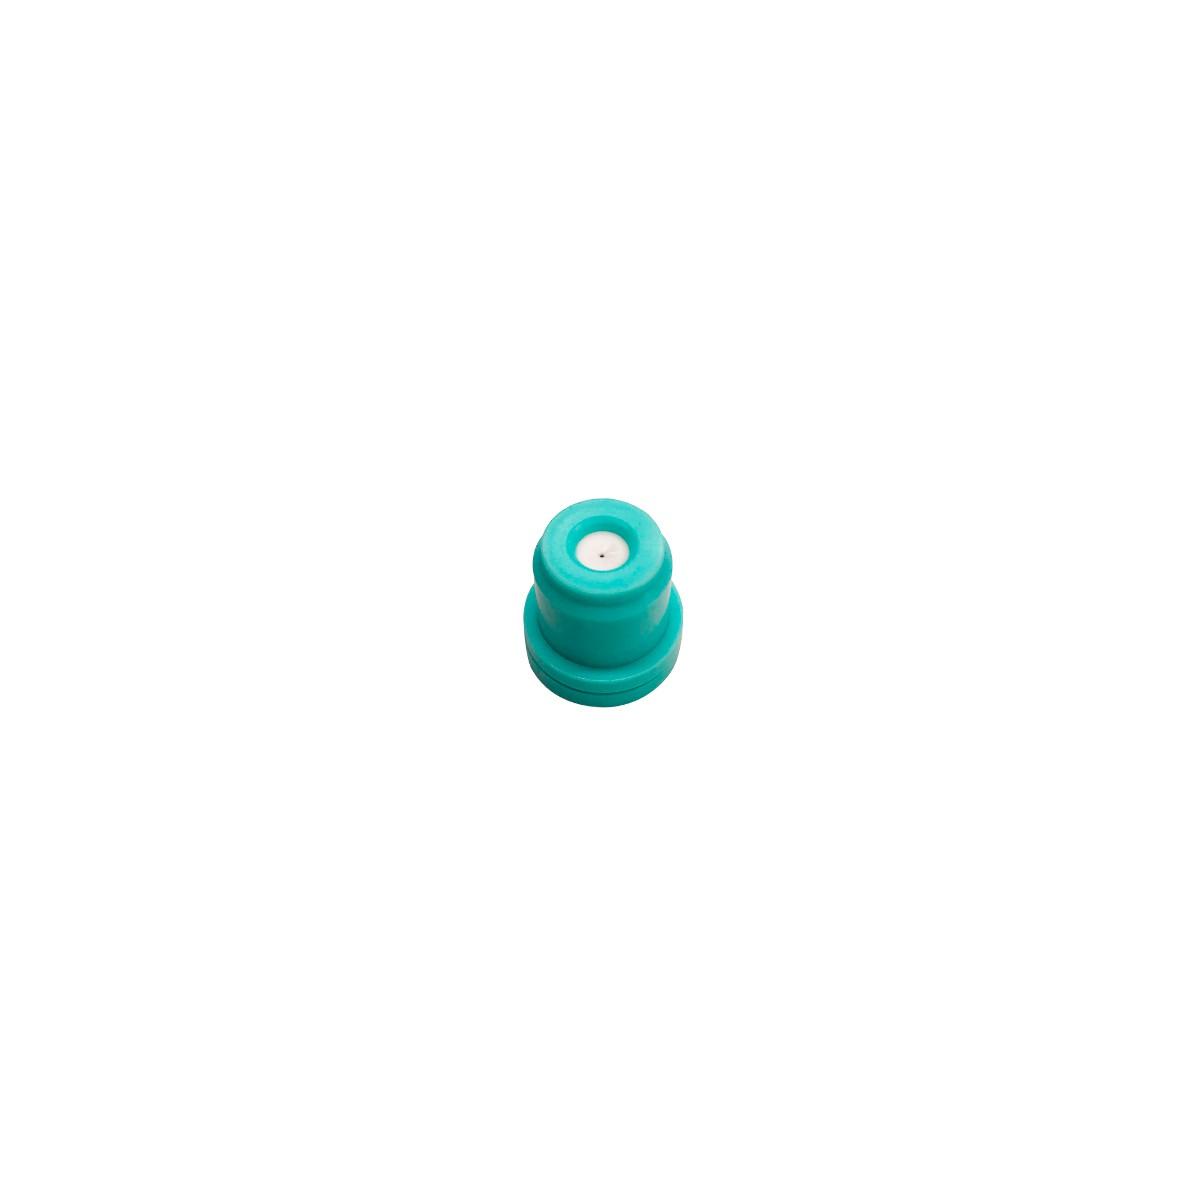 Bico Cônico Nebulização 80-0.015 Verde Claro